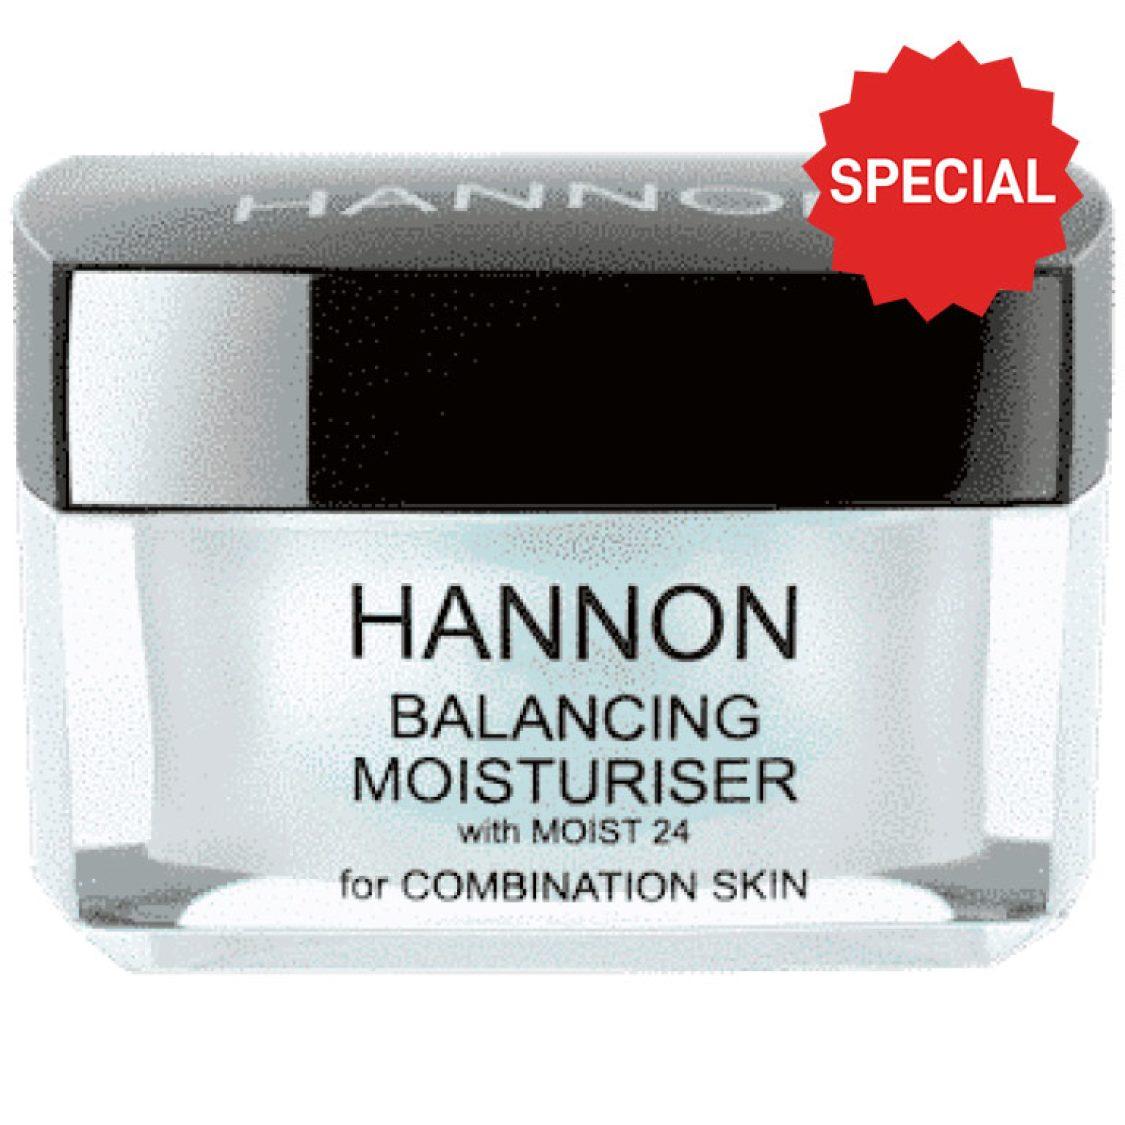 Hannon - Balancing Moisturiser (for Combination Skin) 50ml